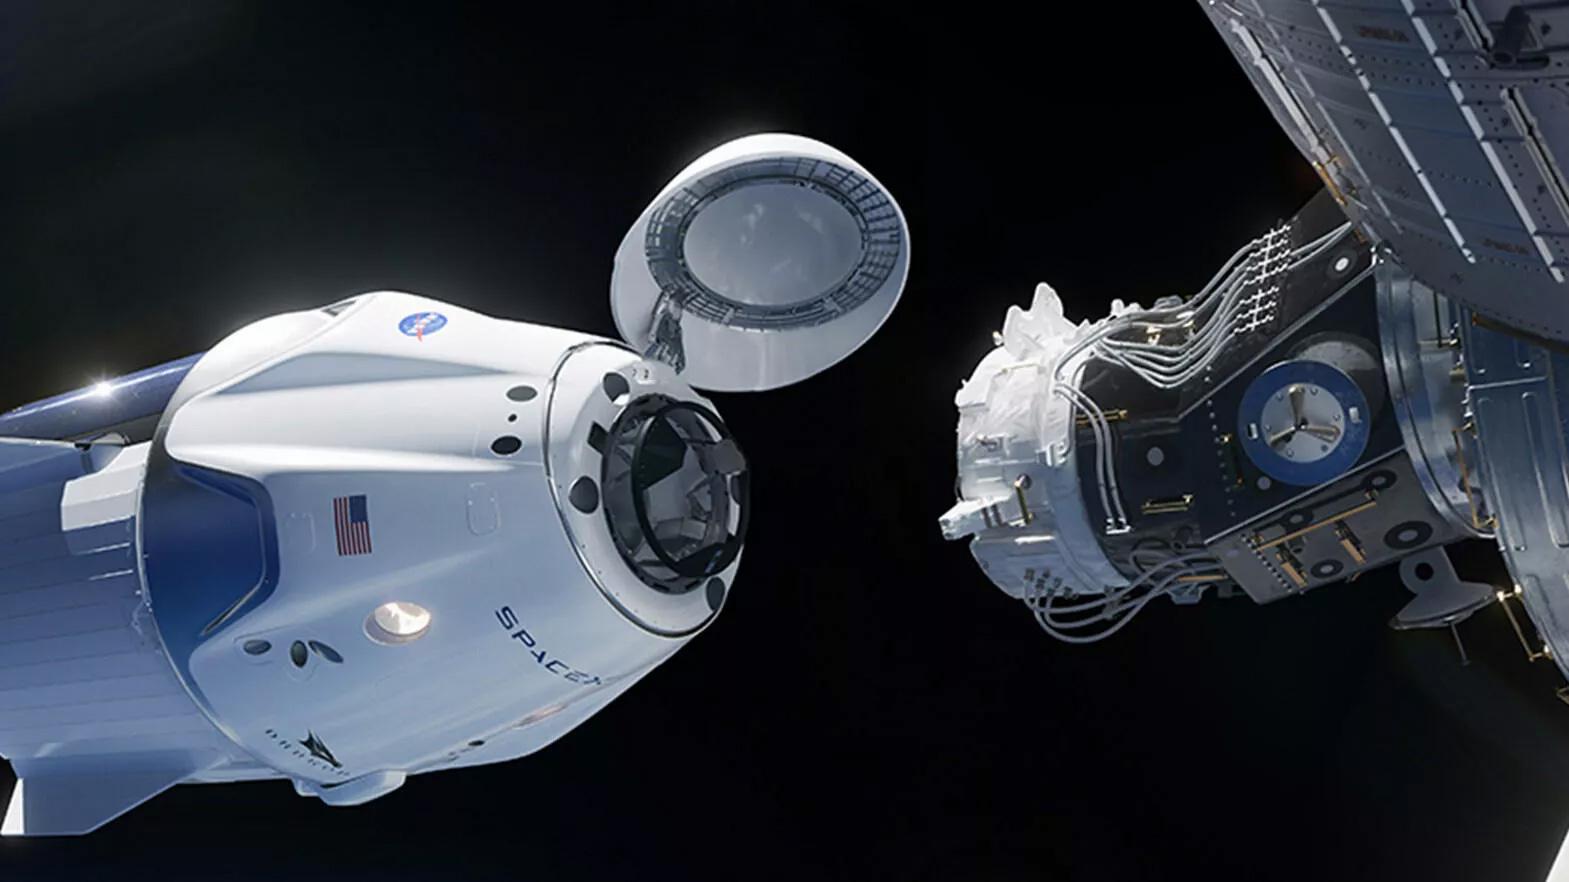 کپسول دراگون اسپیسایکس هنگام اتصال به ایستگاه فضایی بینالمللی